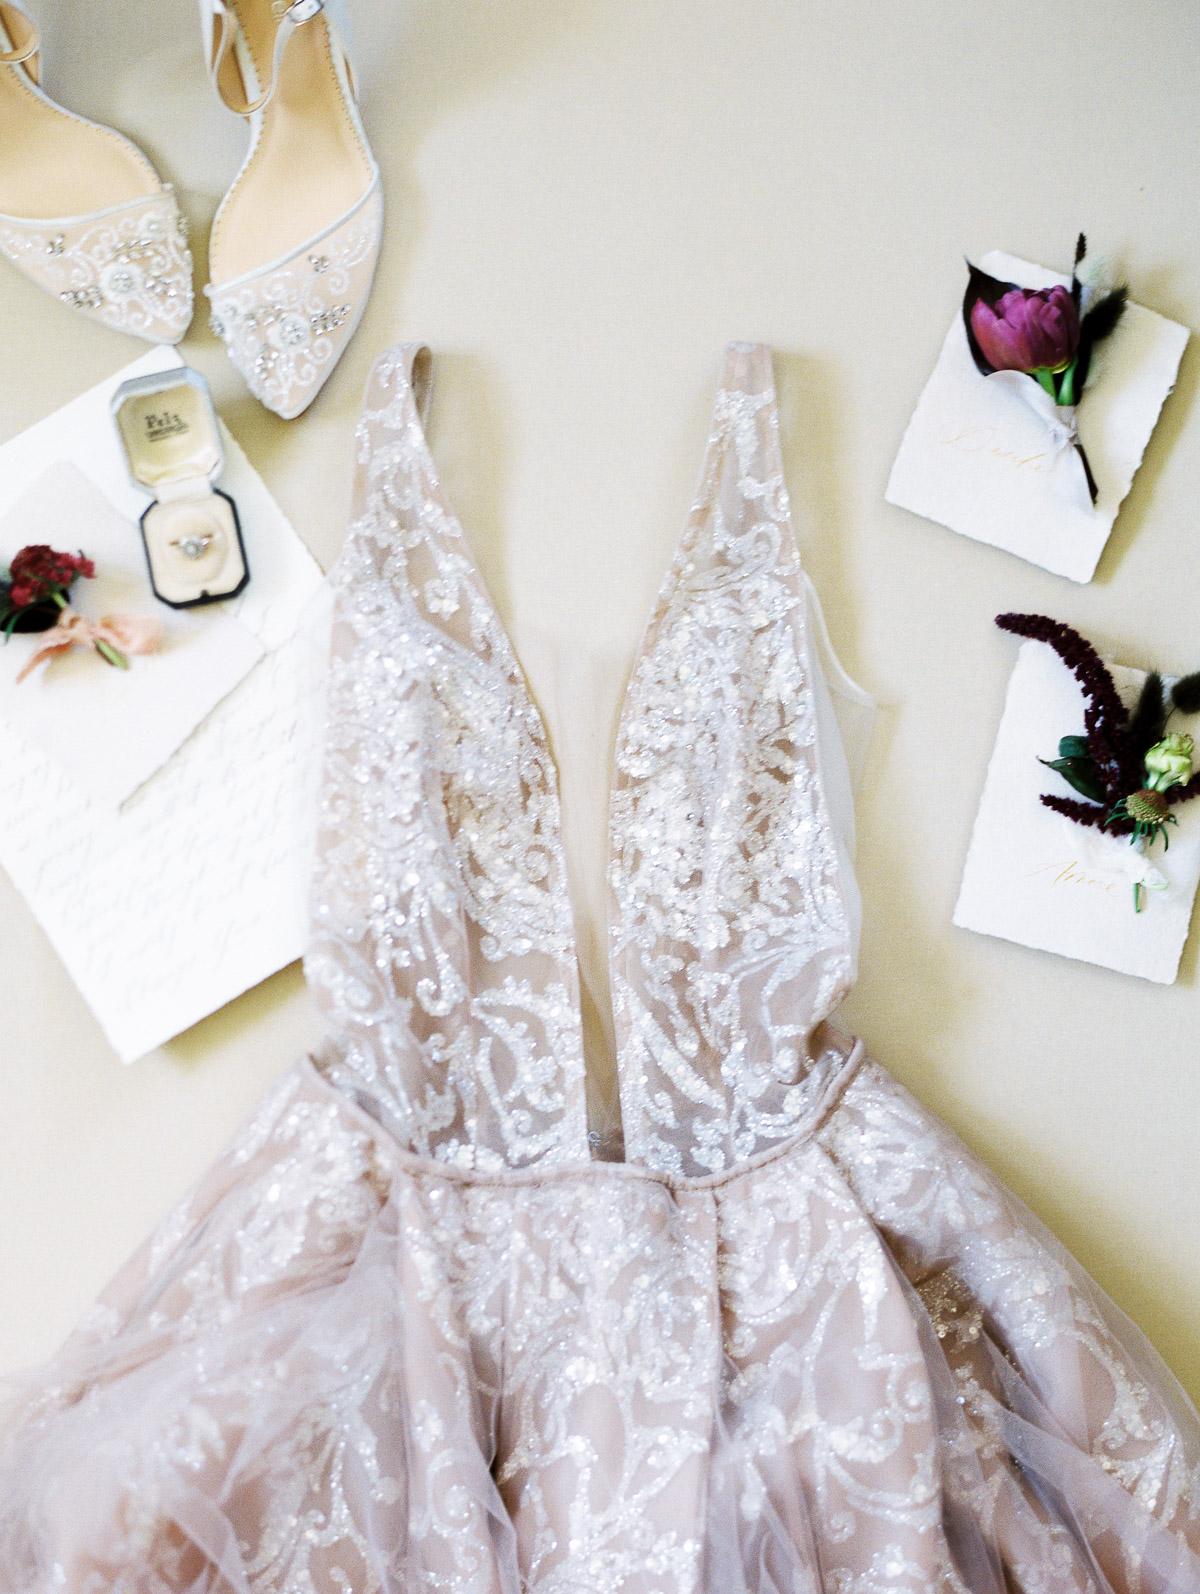 kestrel-park-wedding-photographer-45.jpg